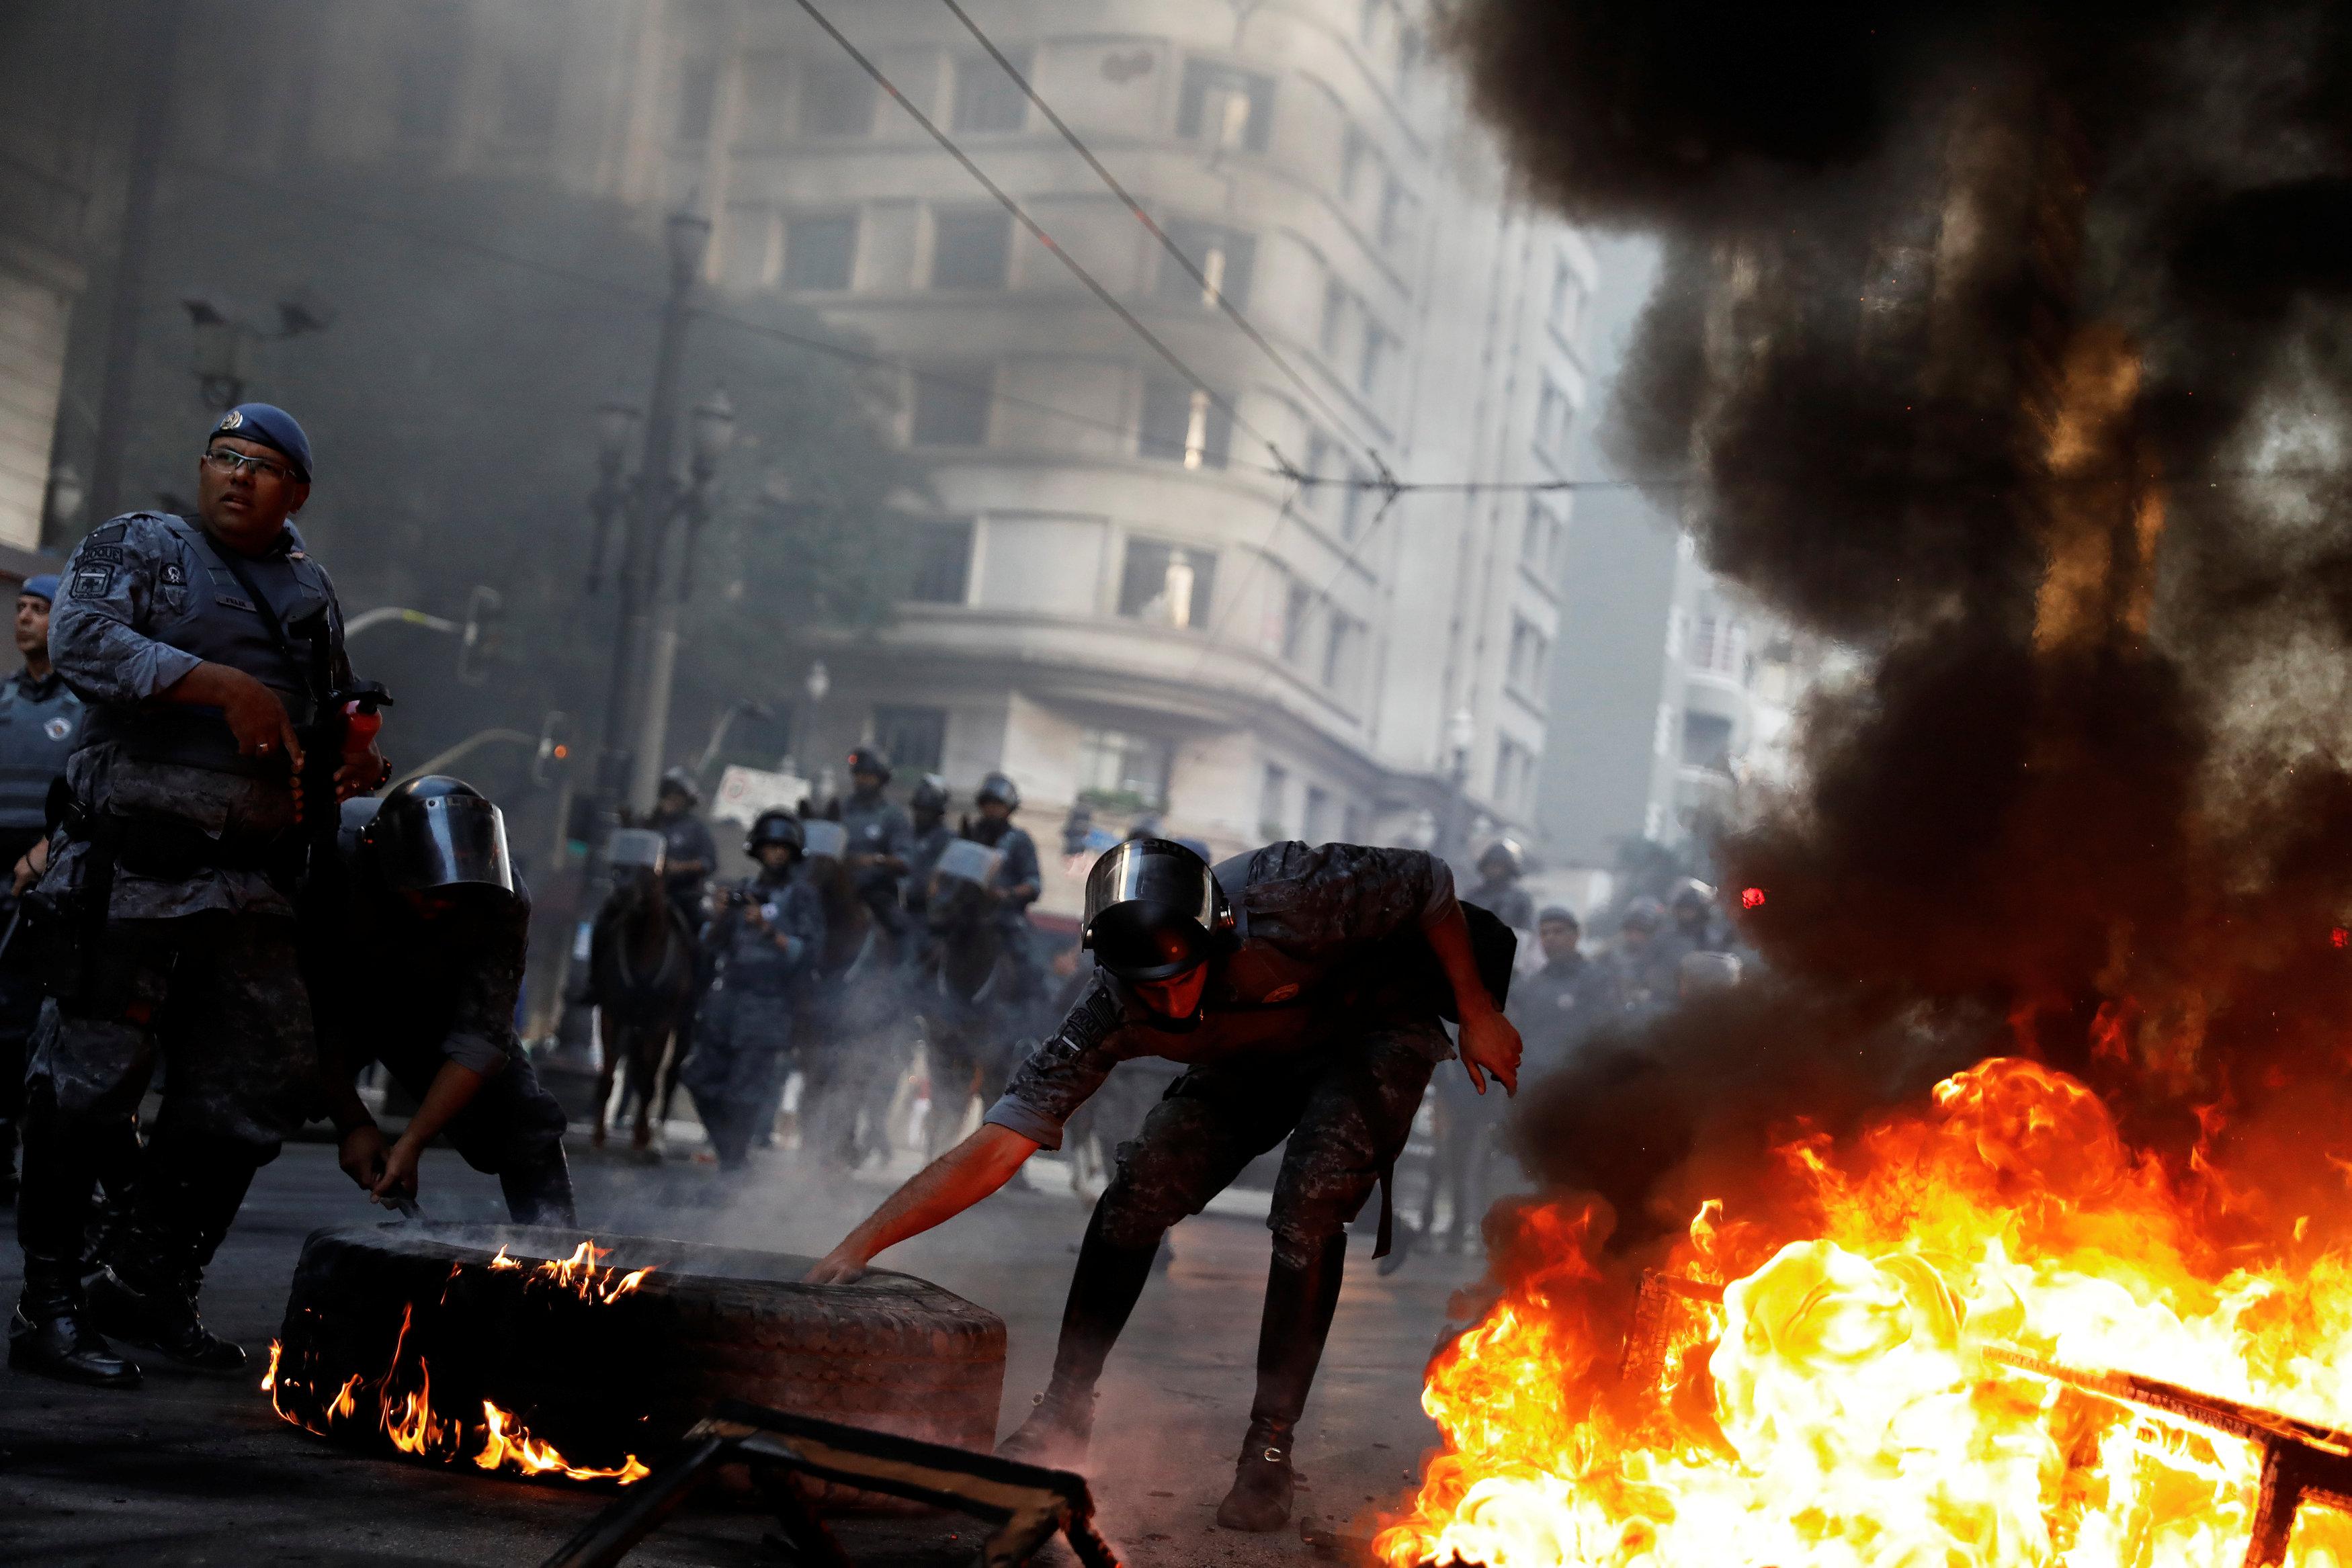 Fuertes protestas se presentaron hoy en Sao Paulo en contra del gobierno de Temer. REUTERS/Nacho Doce